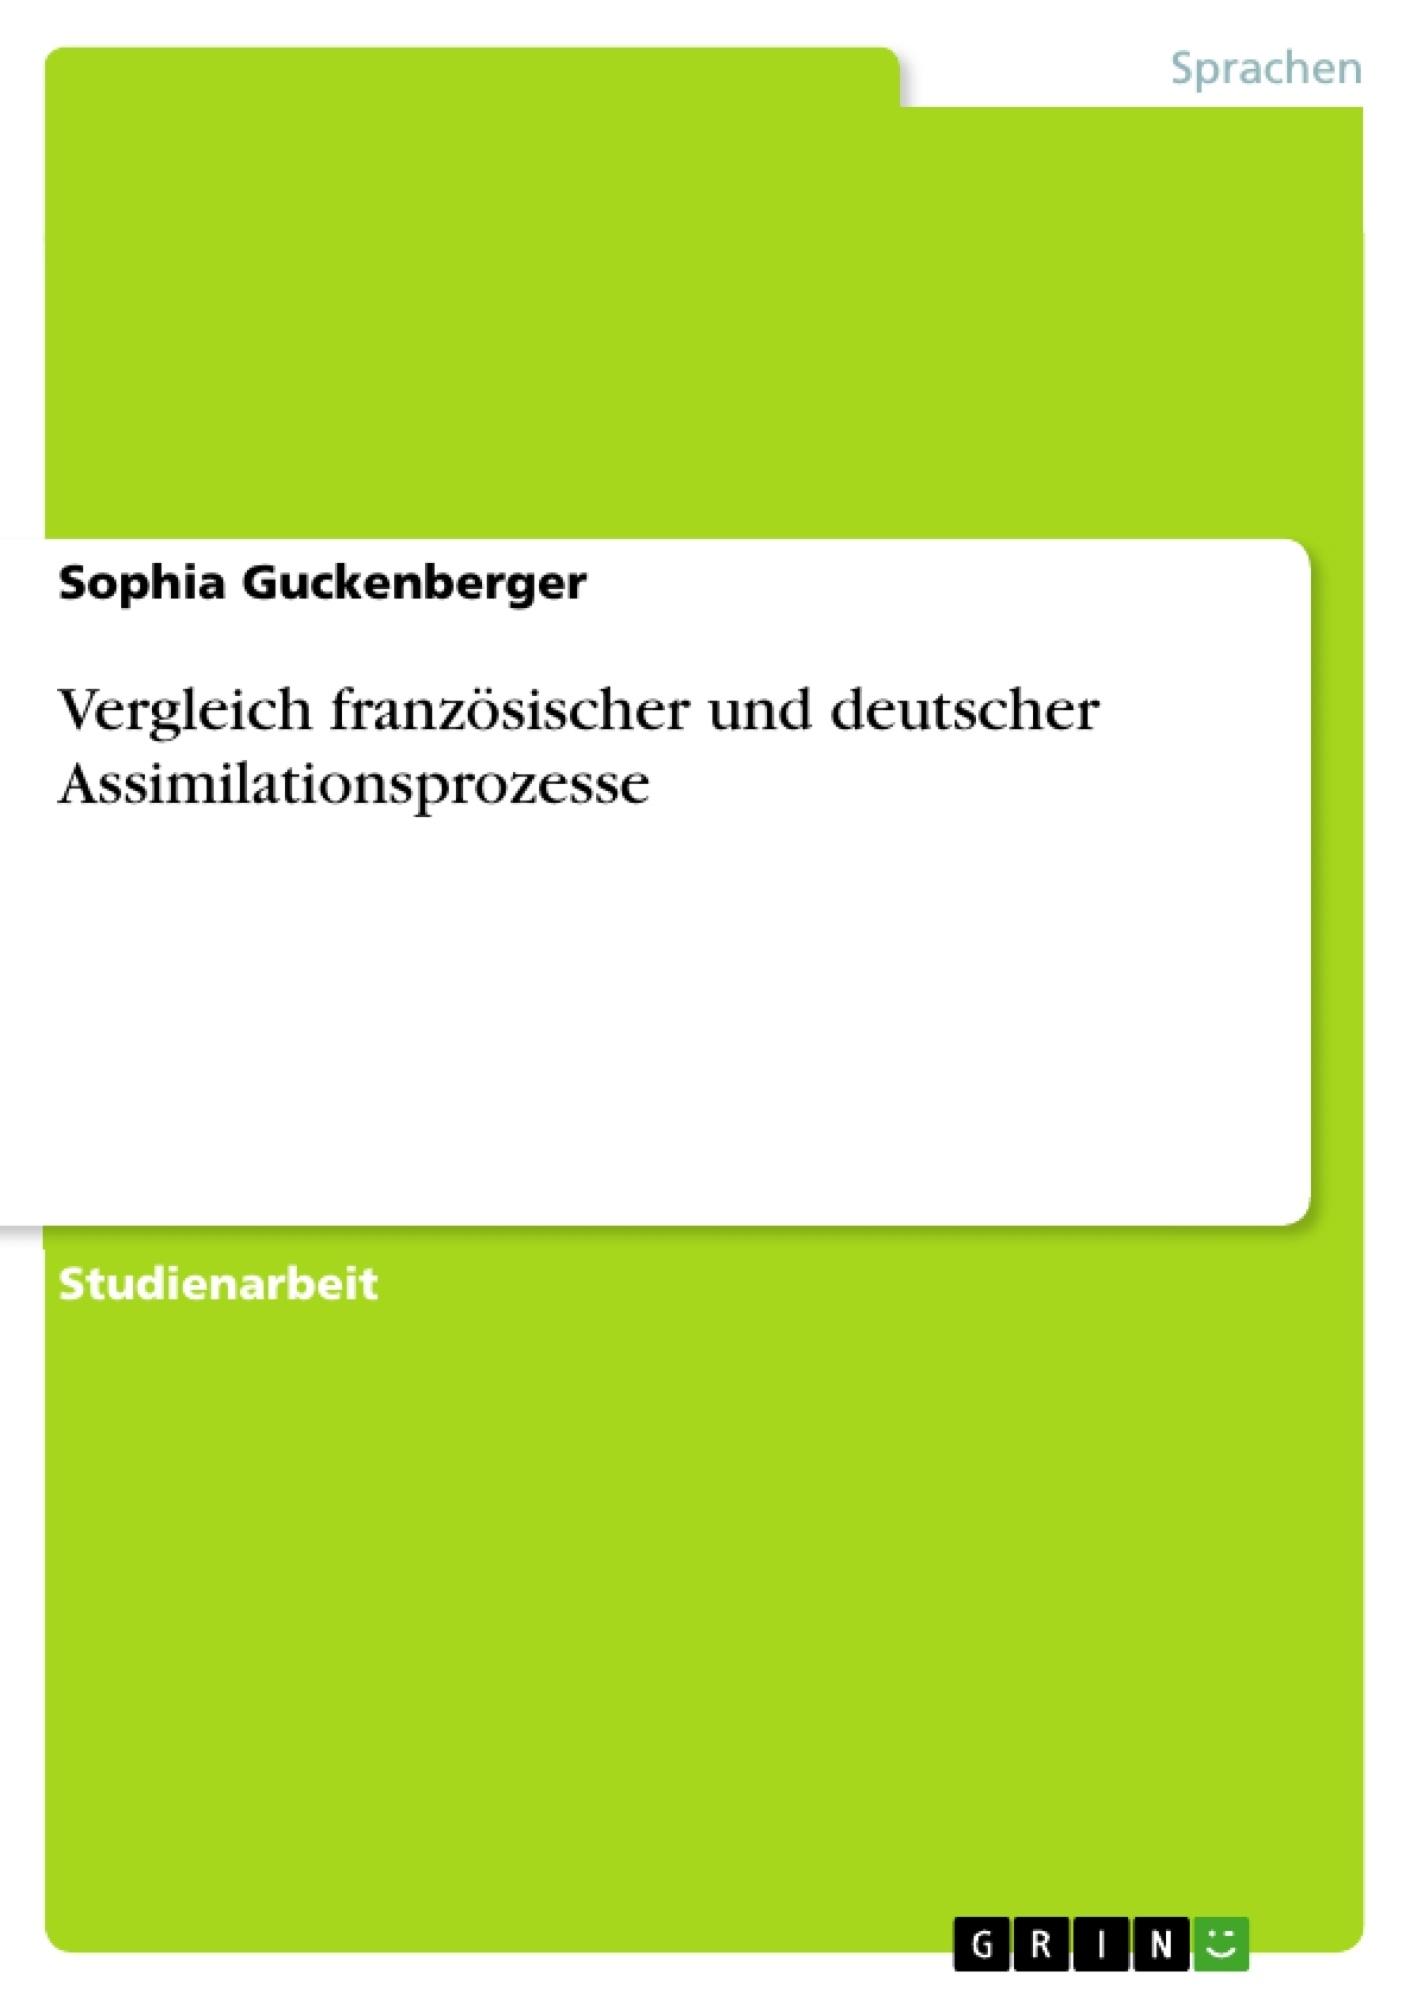 Titel: Vergleich französischer und deutscher Assimilationsprozesse